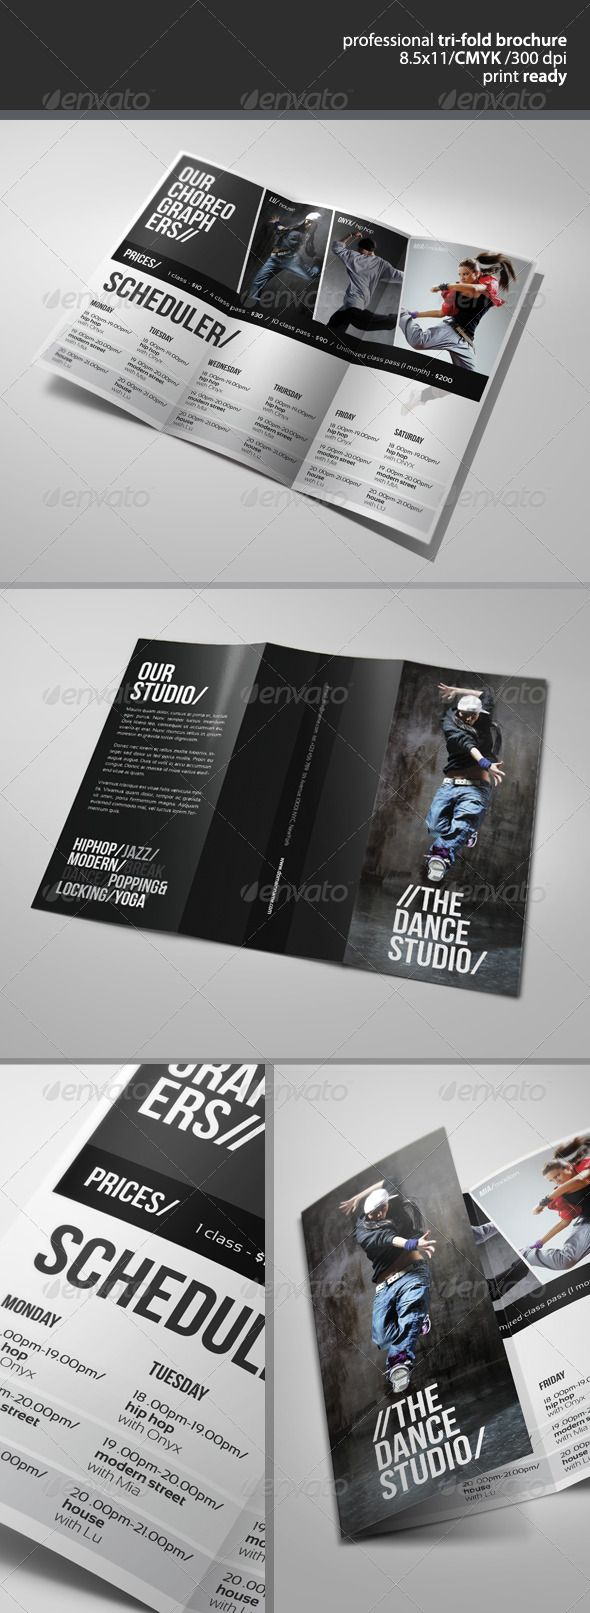 Dance Studio Brochure 2